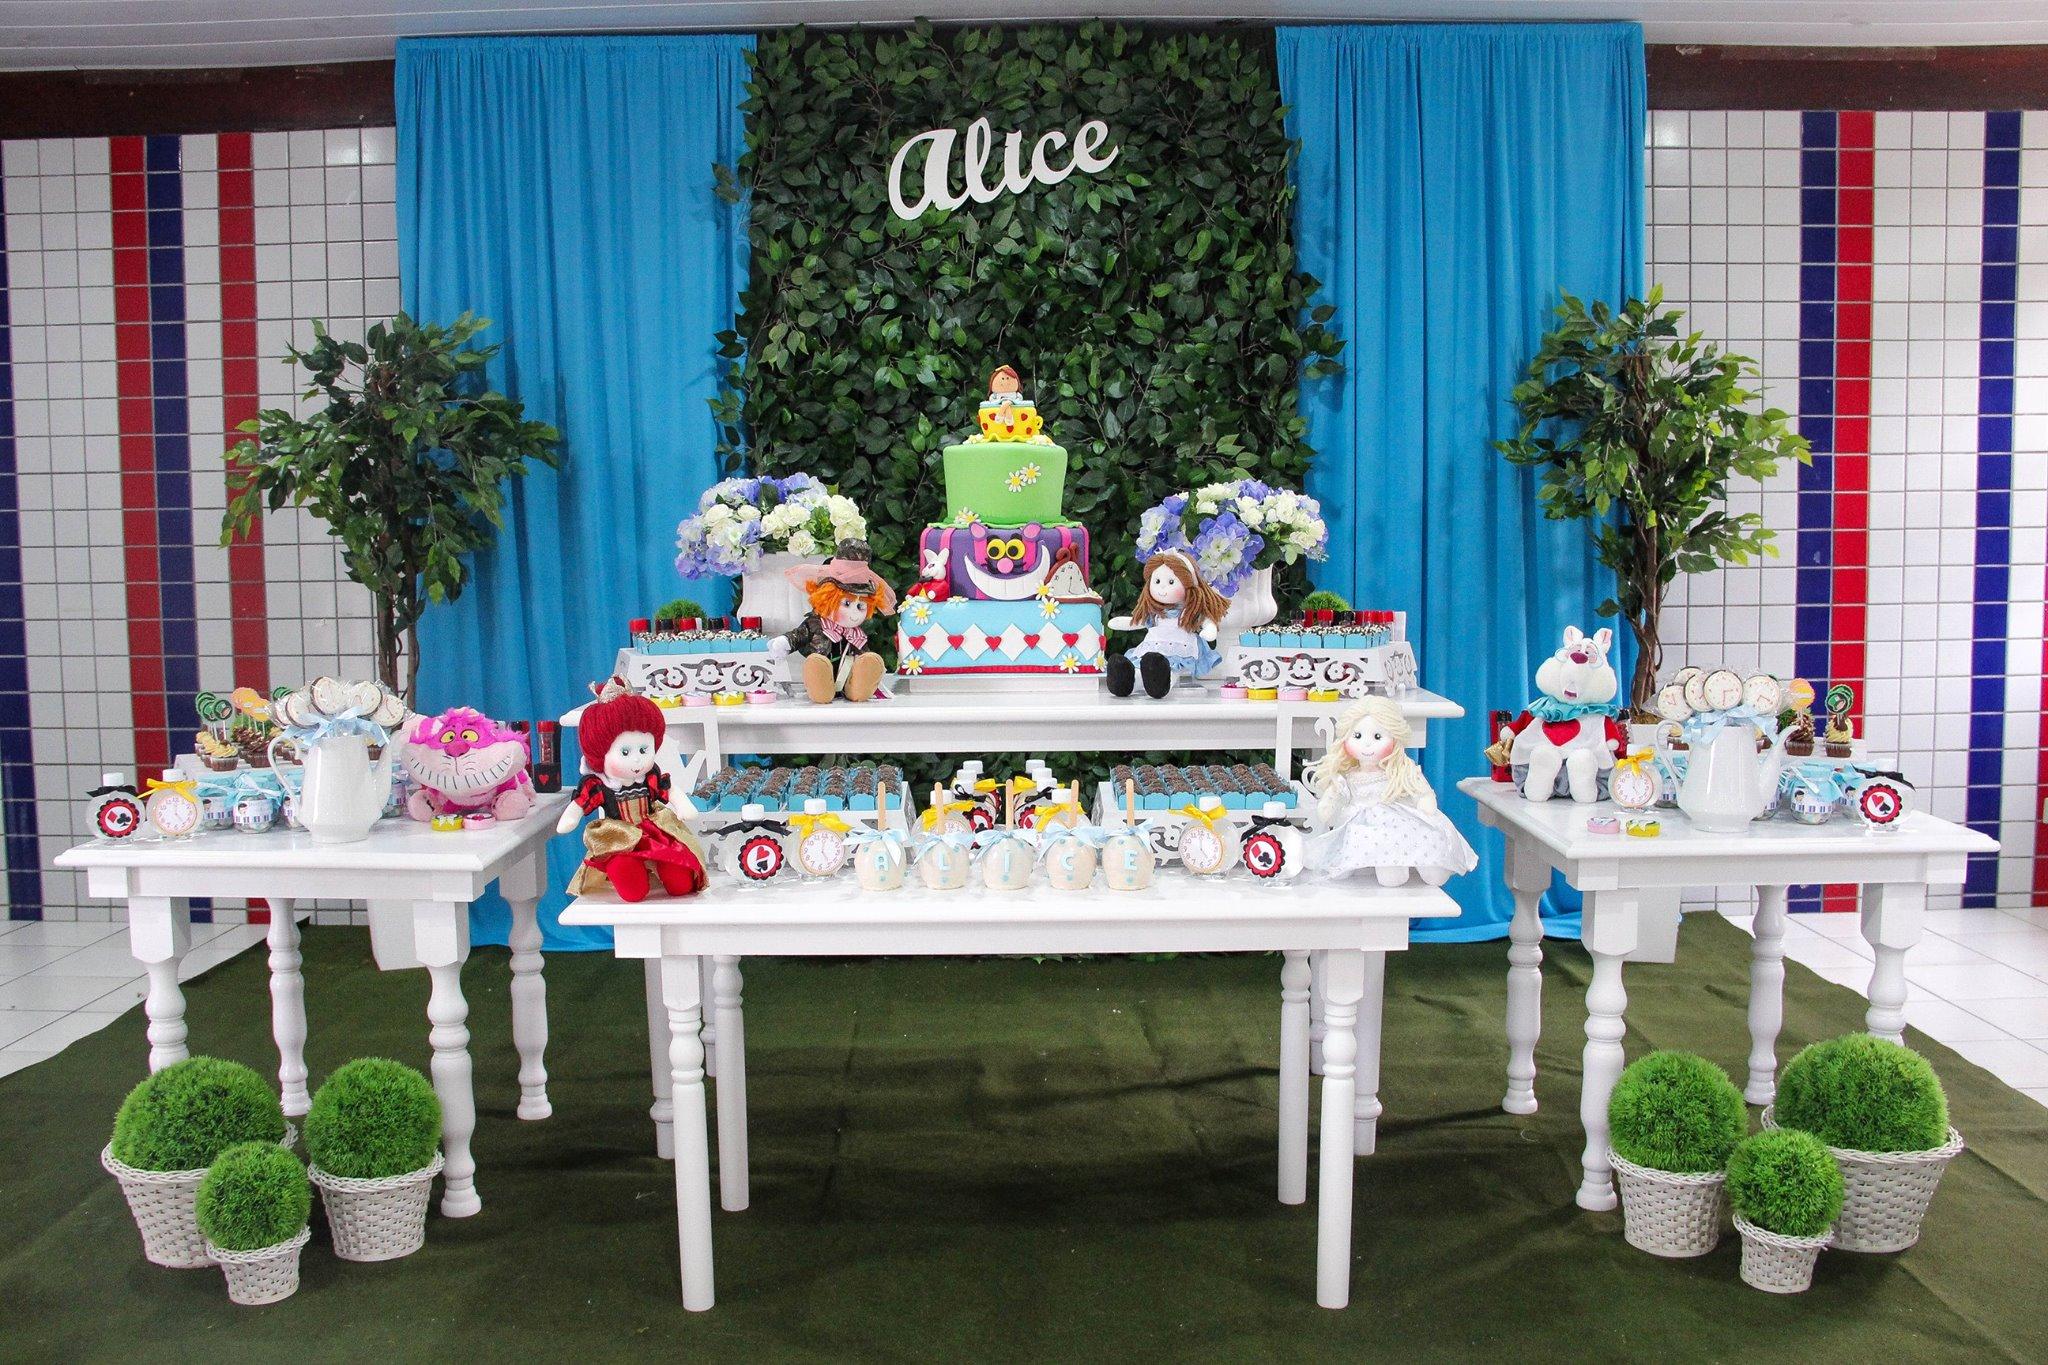 Bonecas de pano são personagem principal dessa festa infantil (crédito da foto: reprodução Facebook Parece Gente)